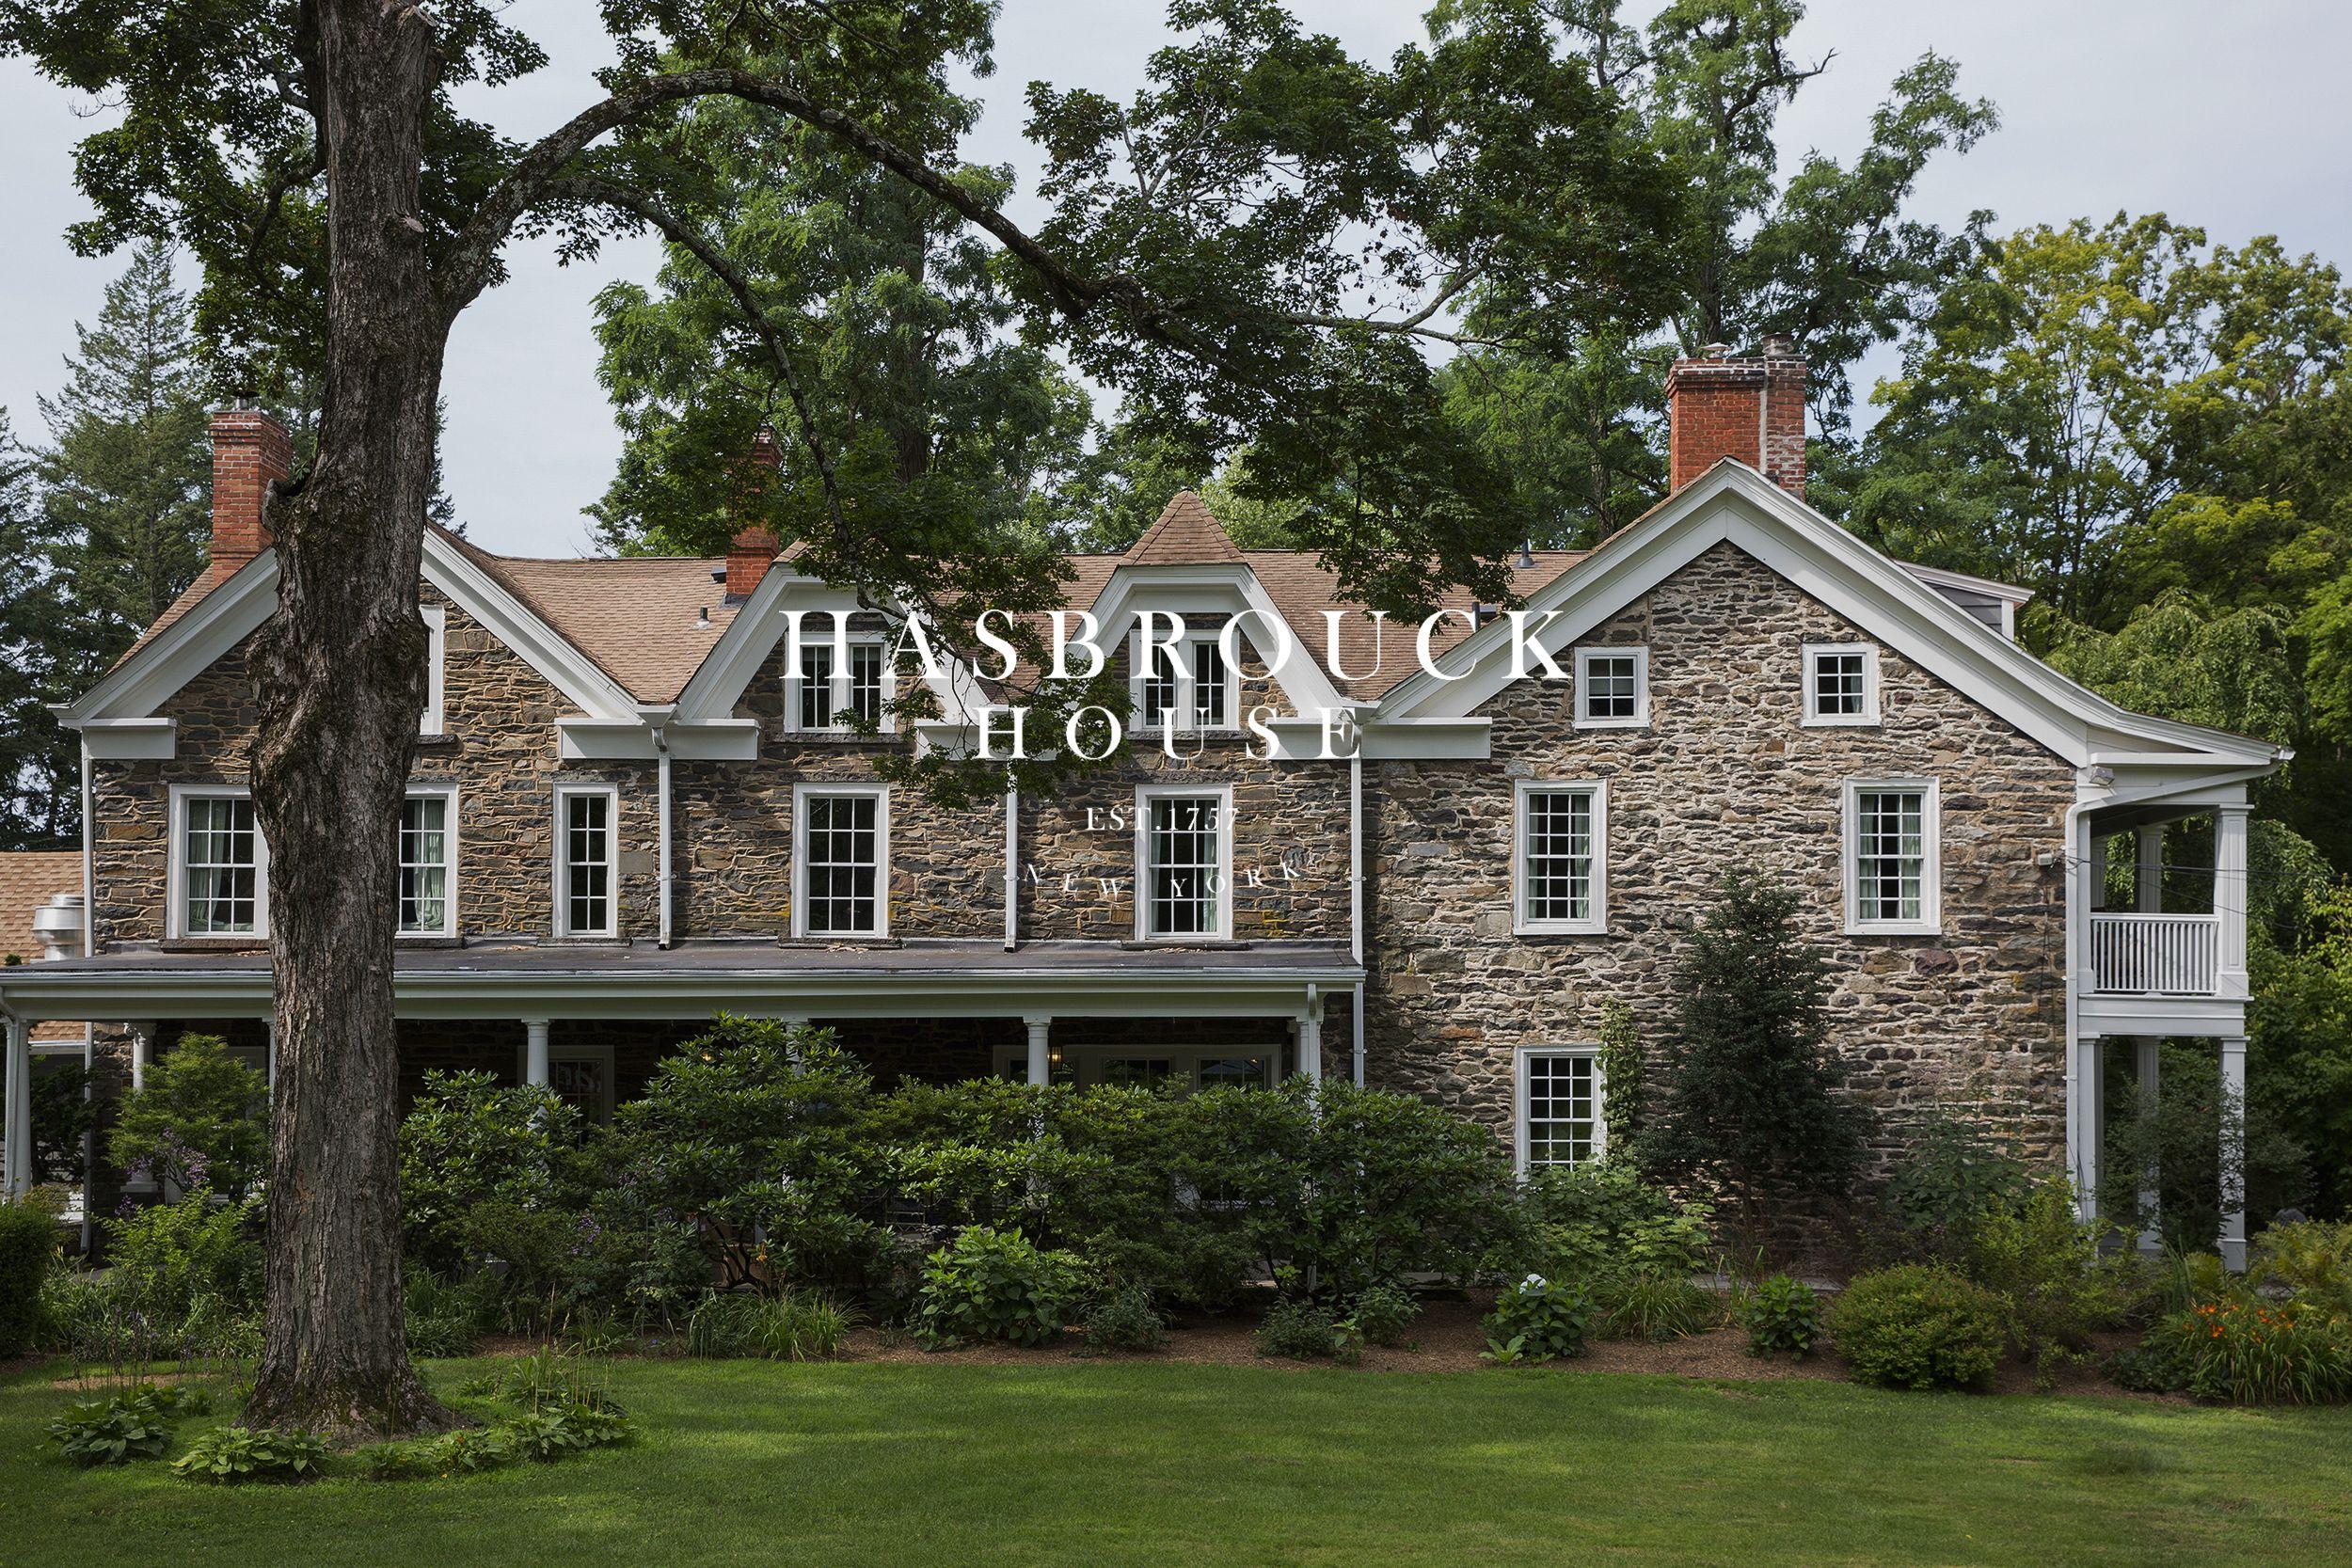 Hasbrouck House Stone Ridge Inn 3805 Main St Stone Ridge Ny